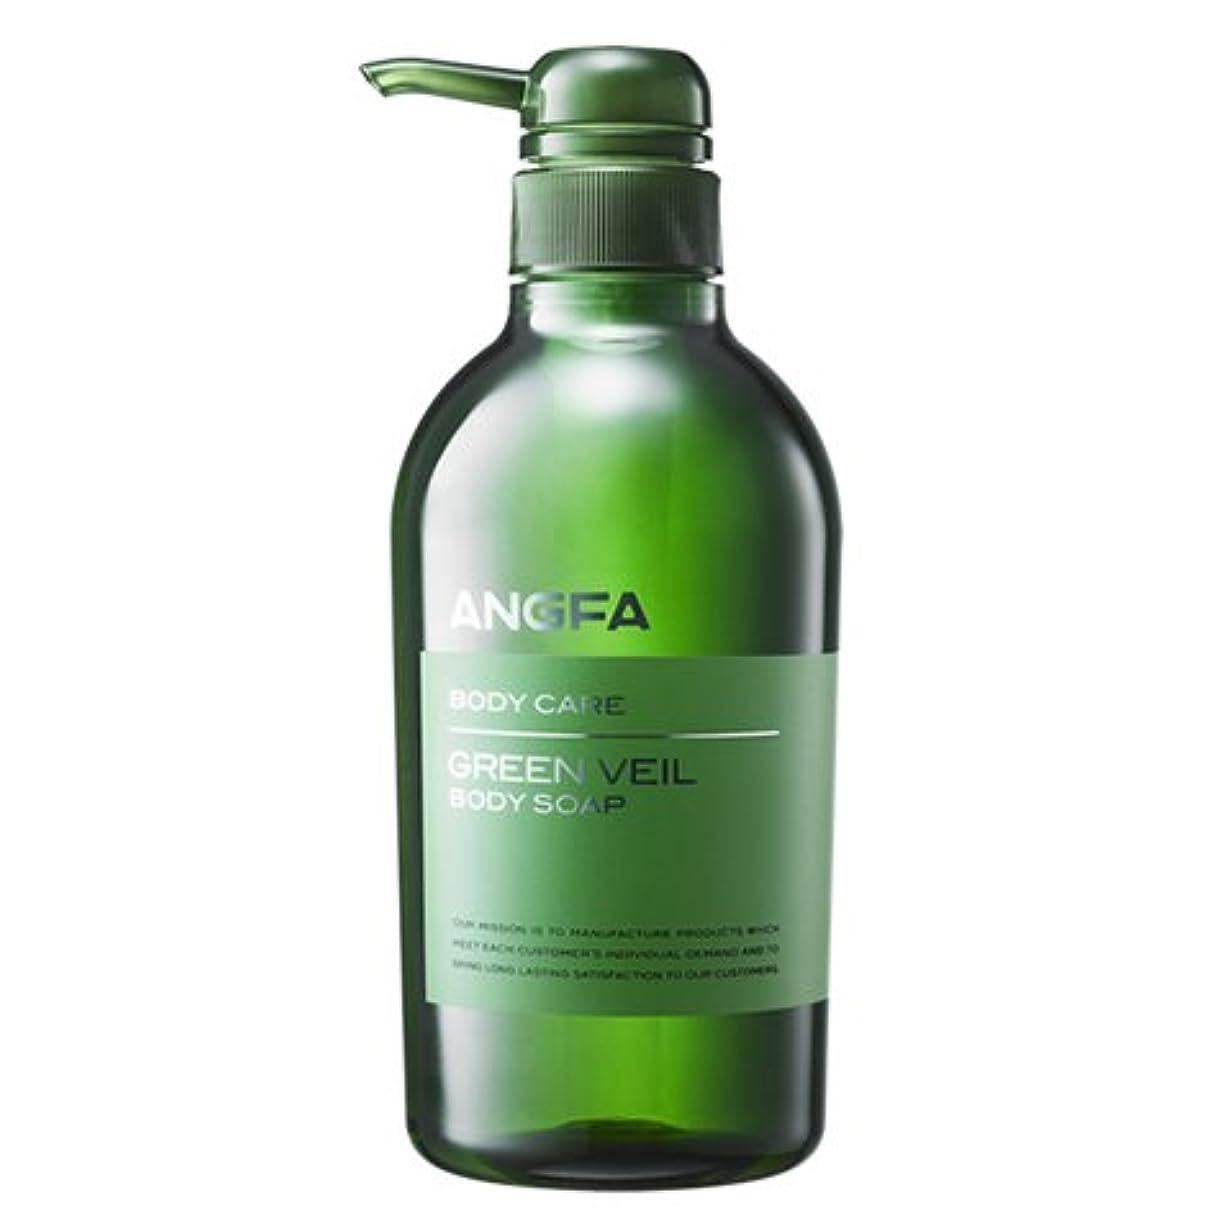 さておきキッチンできないアンファー (ANGFA) グリーンベール 薬用ボディソープ 500ml グリーンフローラル [乾燥?保湿] かゆみ肌